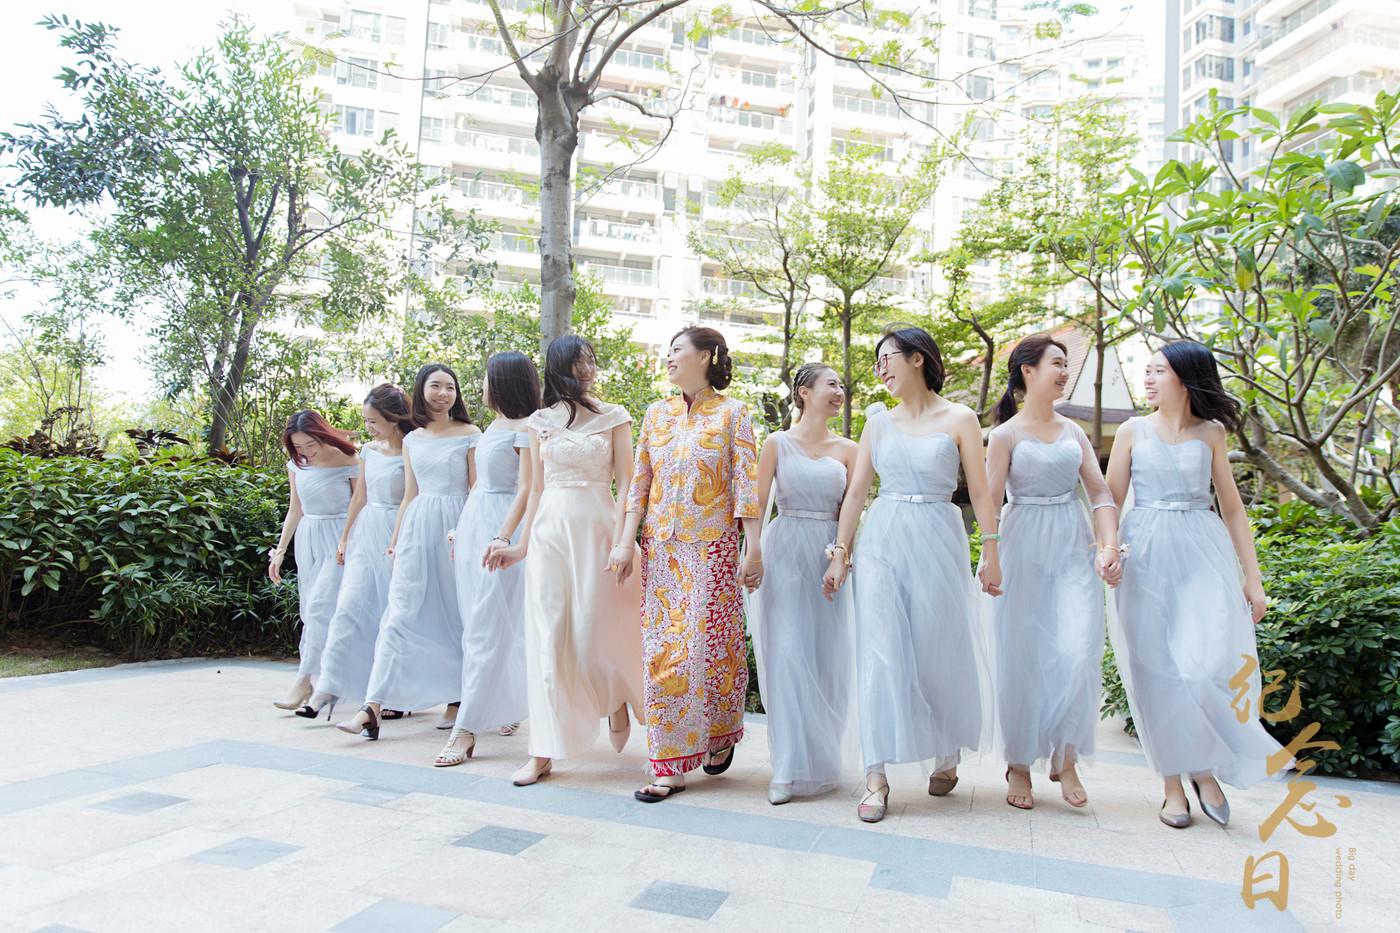 婚礼 | 志明&琳琳22